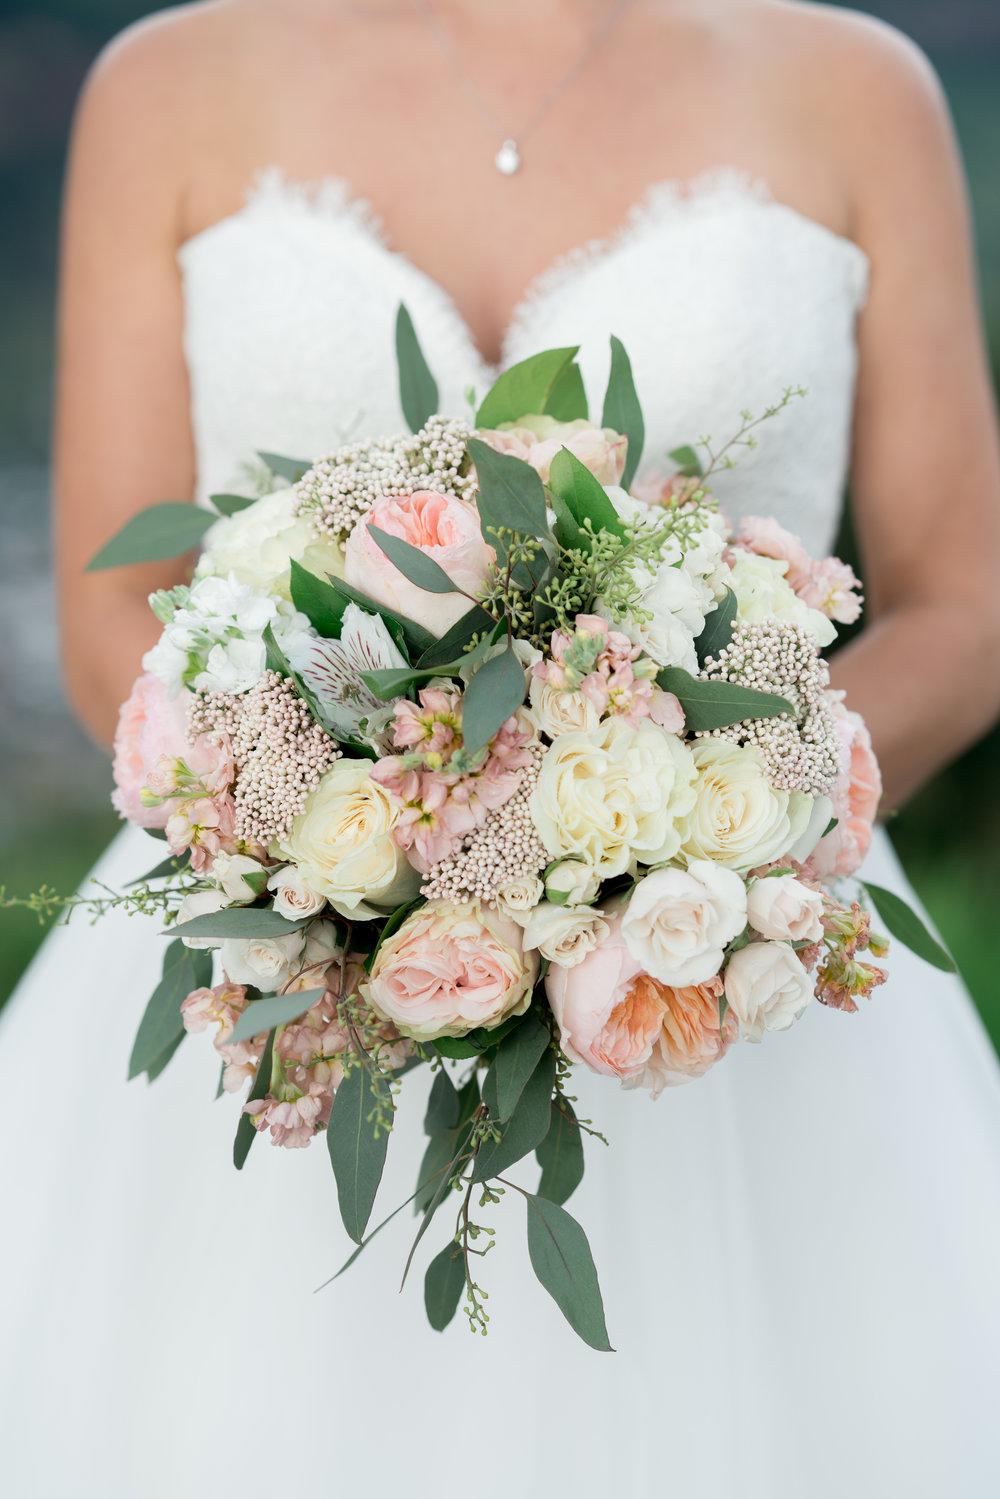 Sarah-CJ-Wedding-160805-0836.jpg